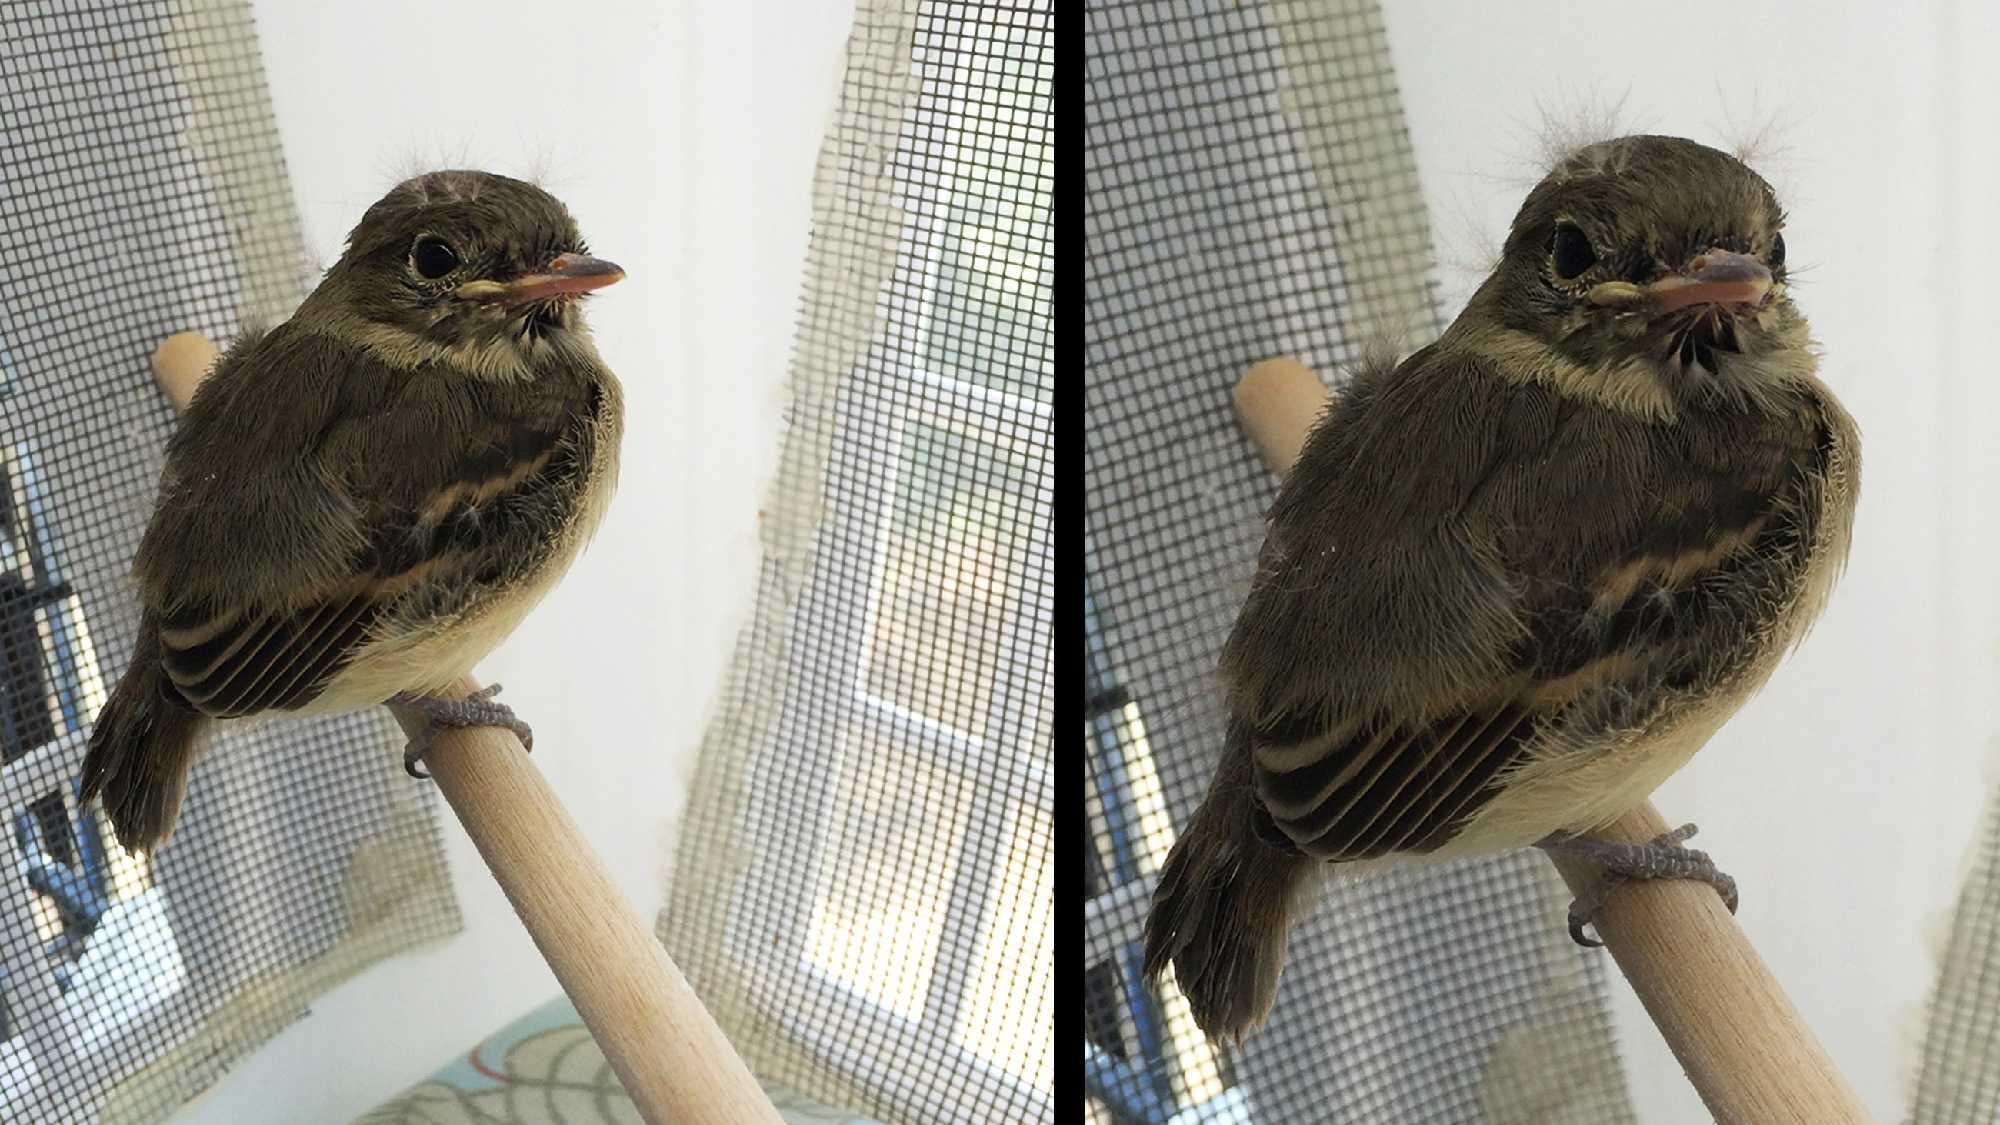 Rescued baby bird